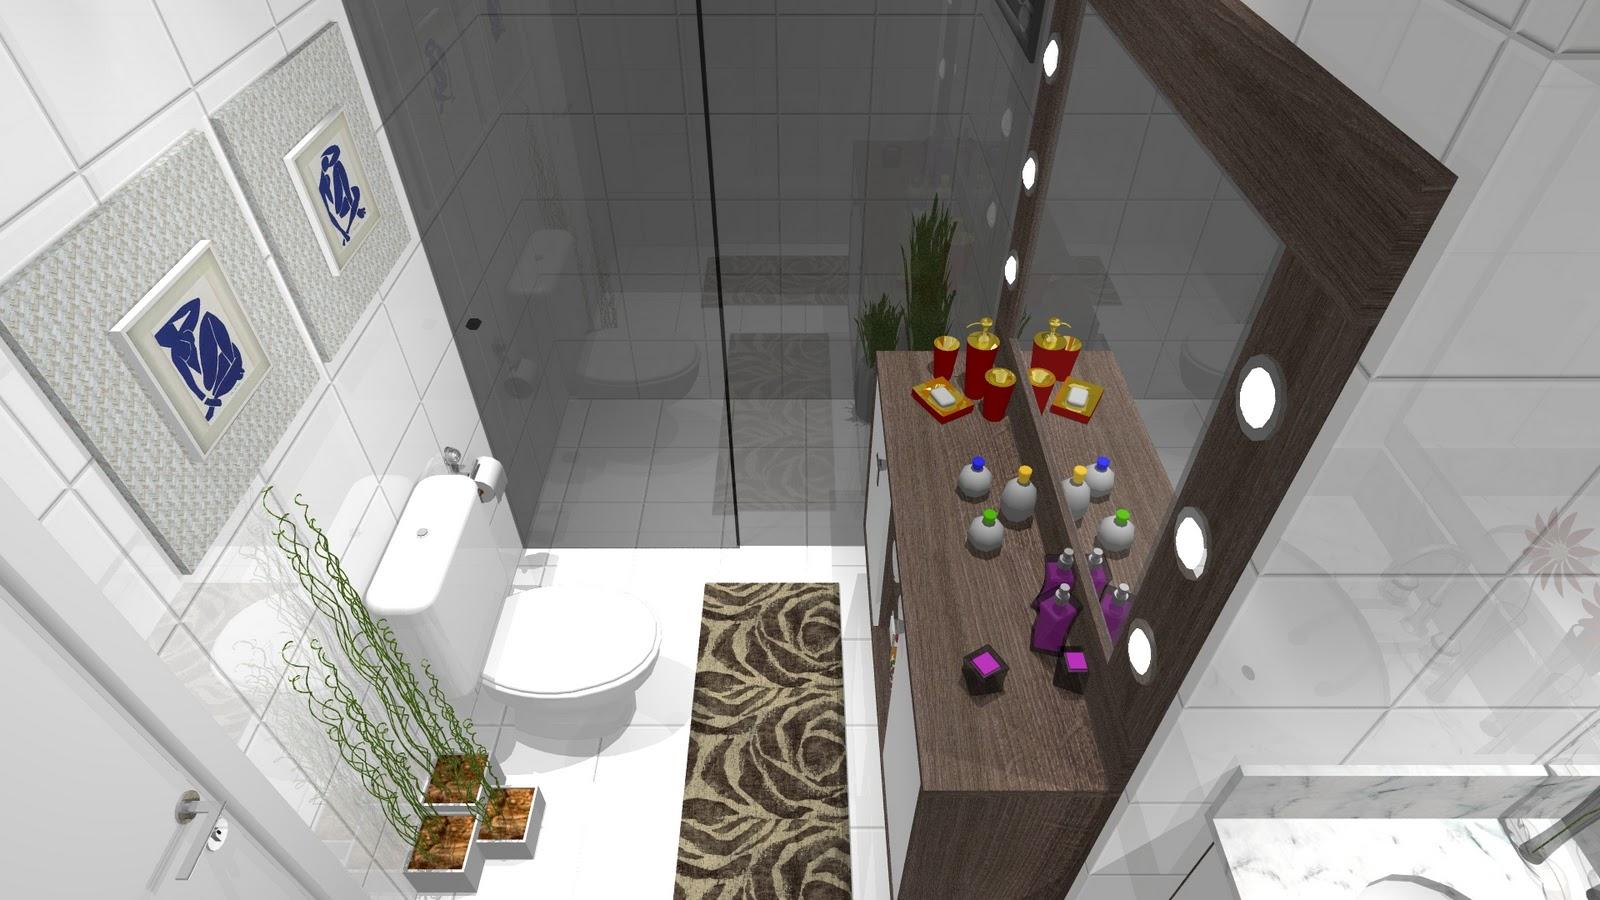 #693069 Vista frontal do box em vidro escuro com o camarim à direita em  1600x900 px tapete de banheiro em frances